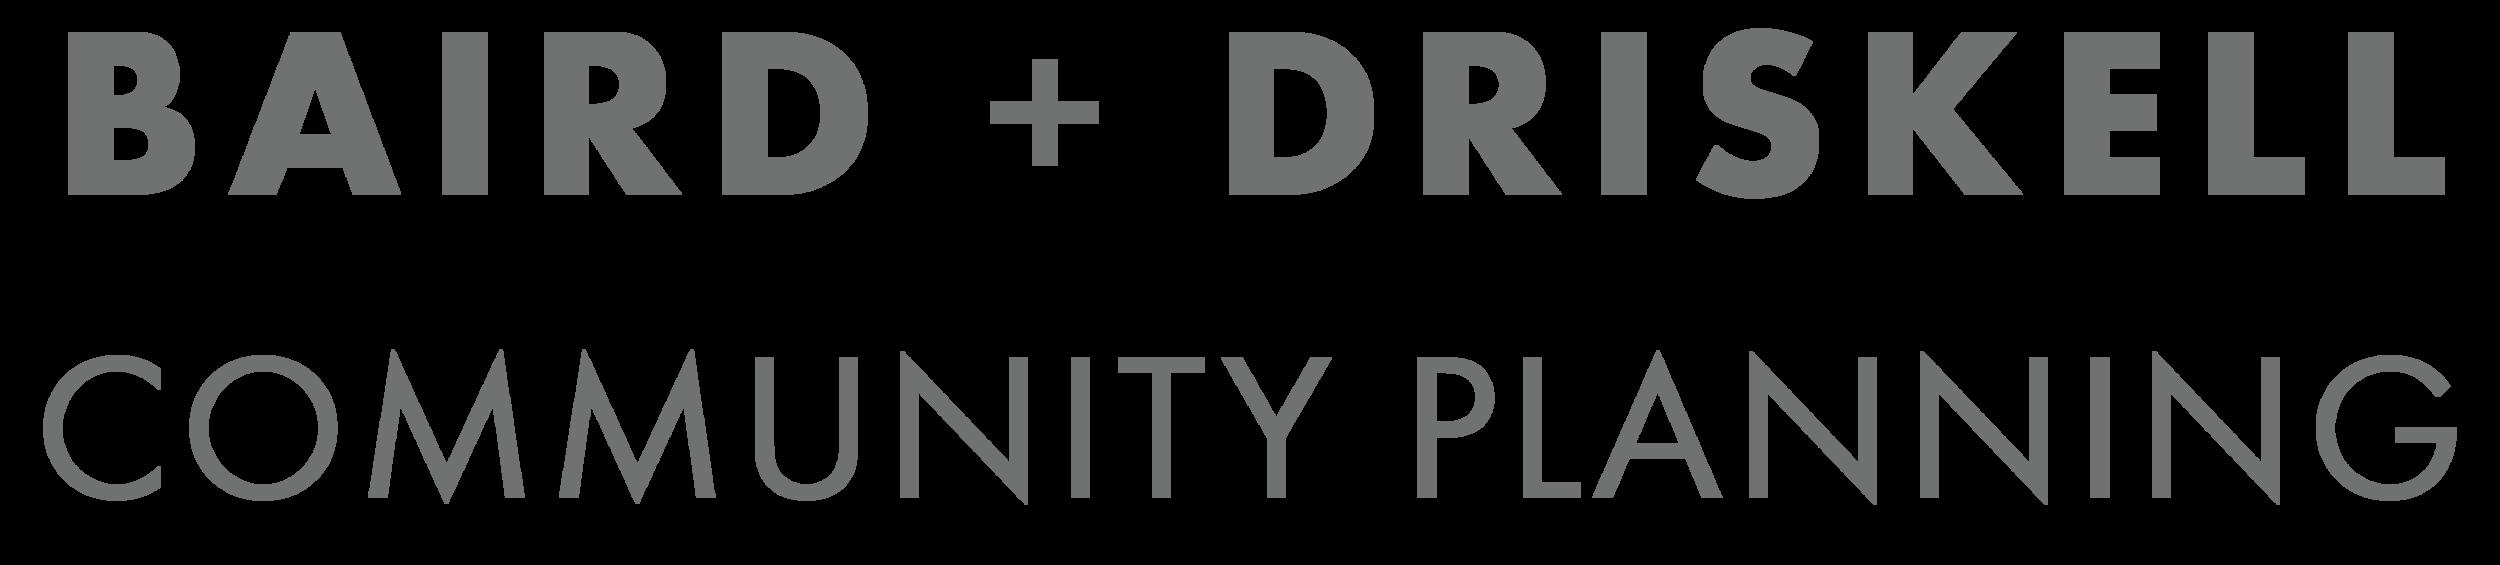 Baird + Driskell Community Planning